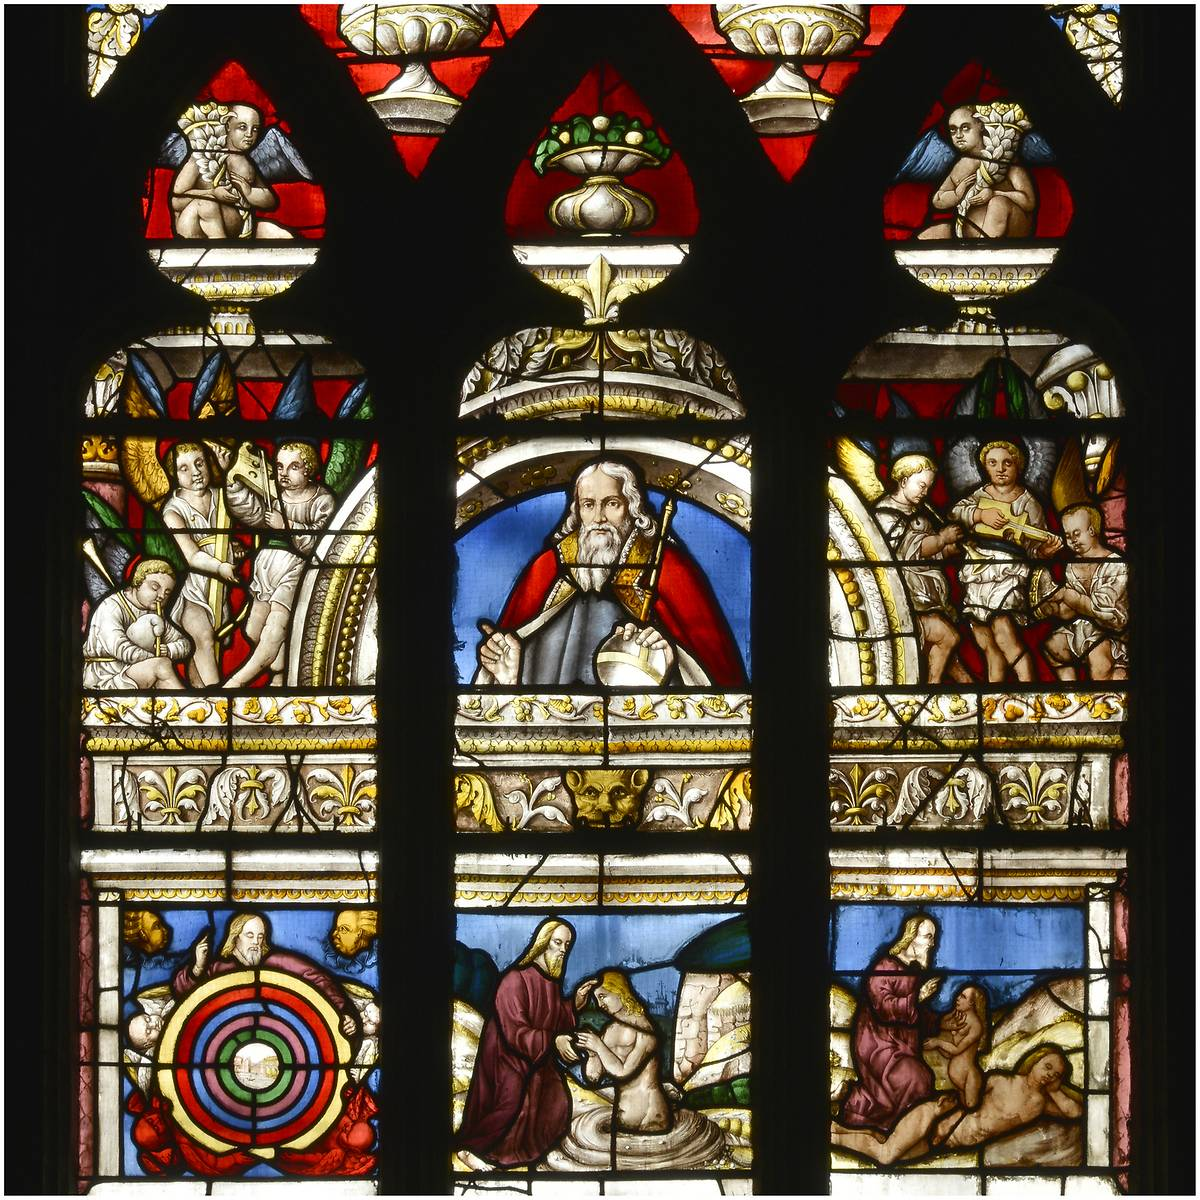 vitraux de la cathedrale sainte marie dauch